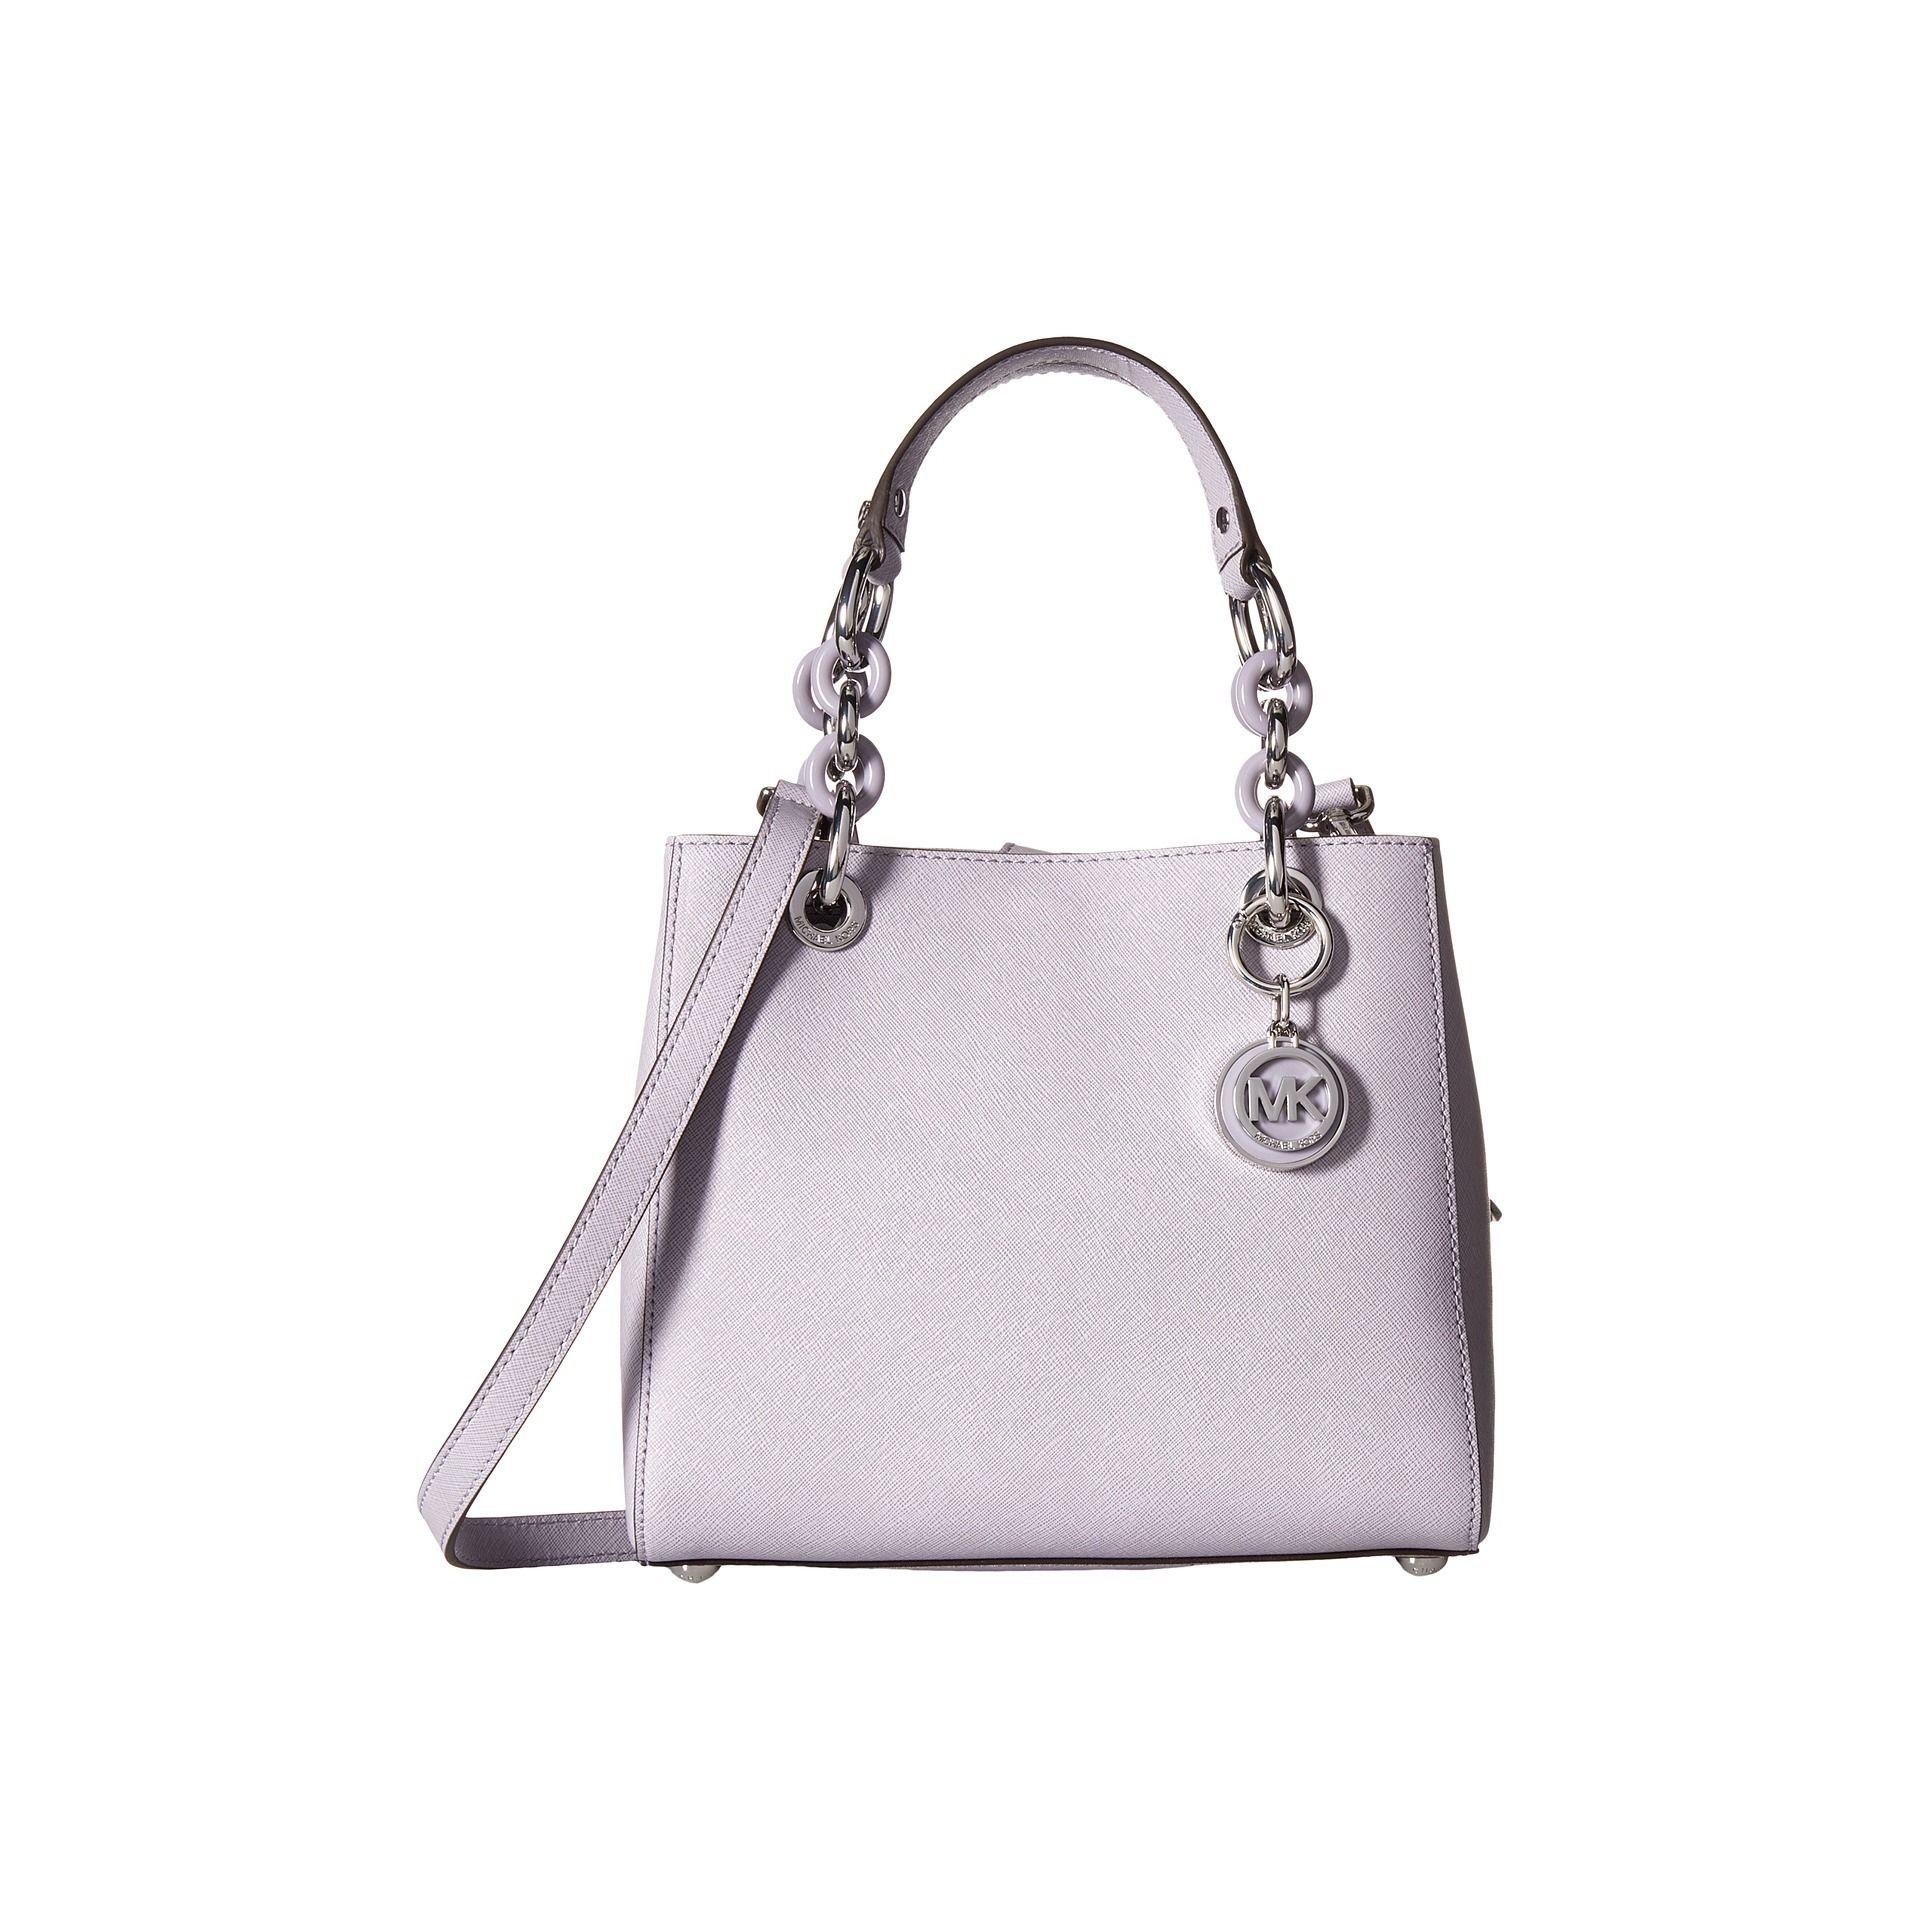 00c19a02e9da ... best price michael kors cynthia lilac small north south satchel handbag  b8863 e472e